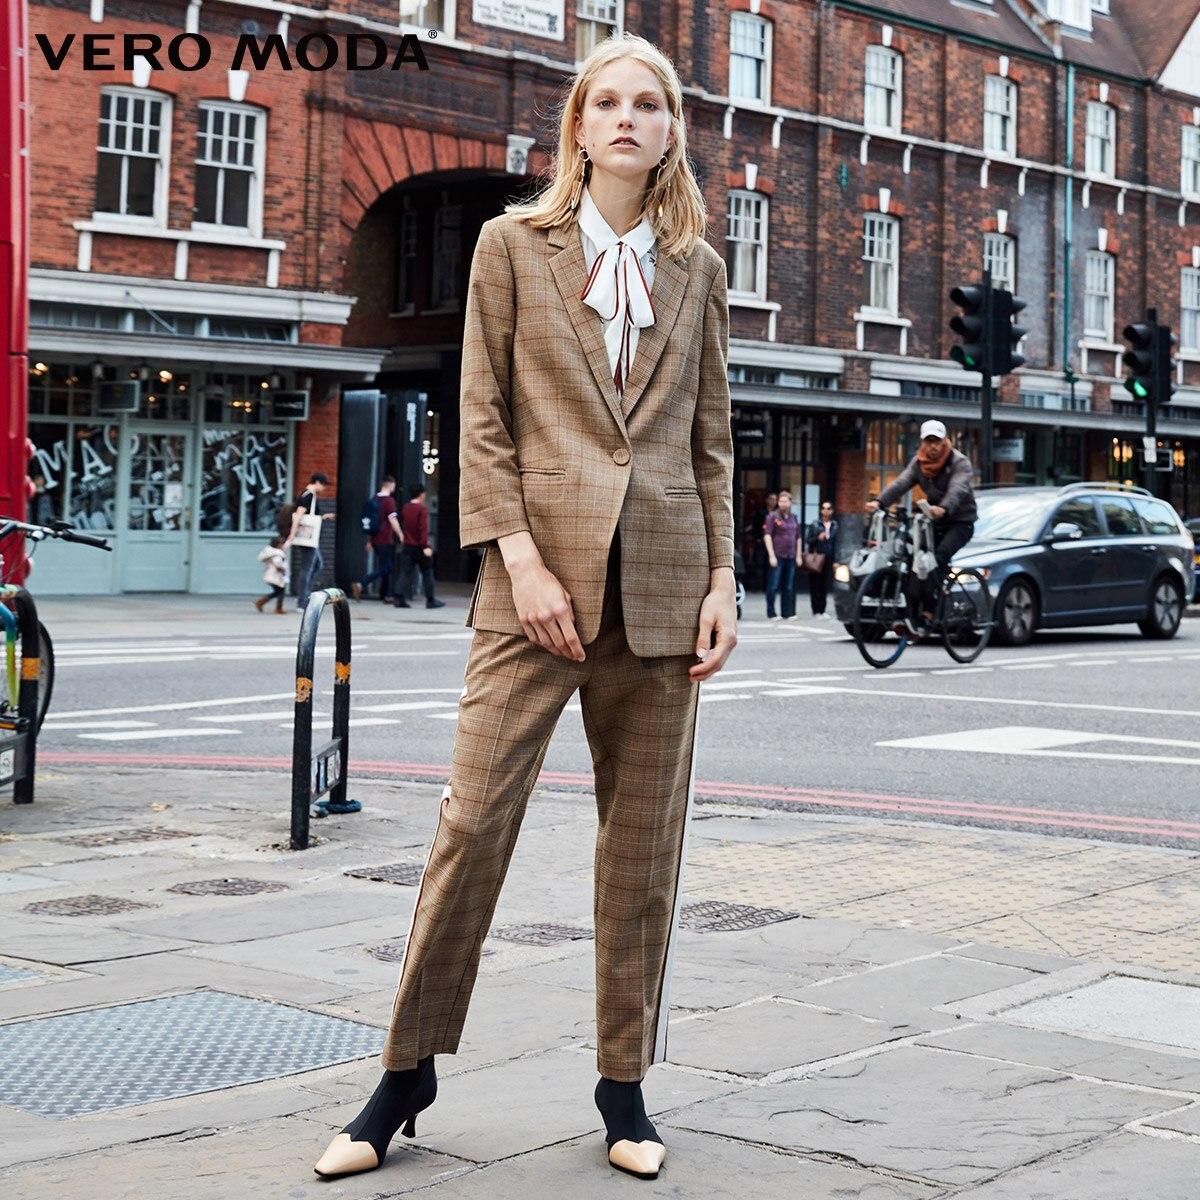 Vero Moda Three-Quarter  Sleeves Plaid Long Jacket Blazer |318308518